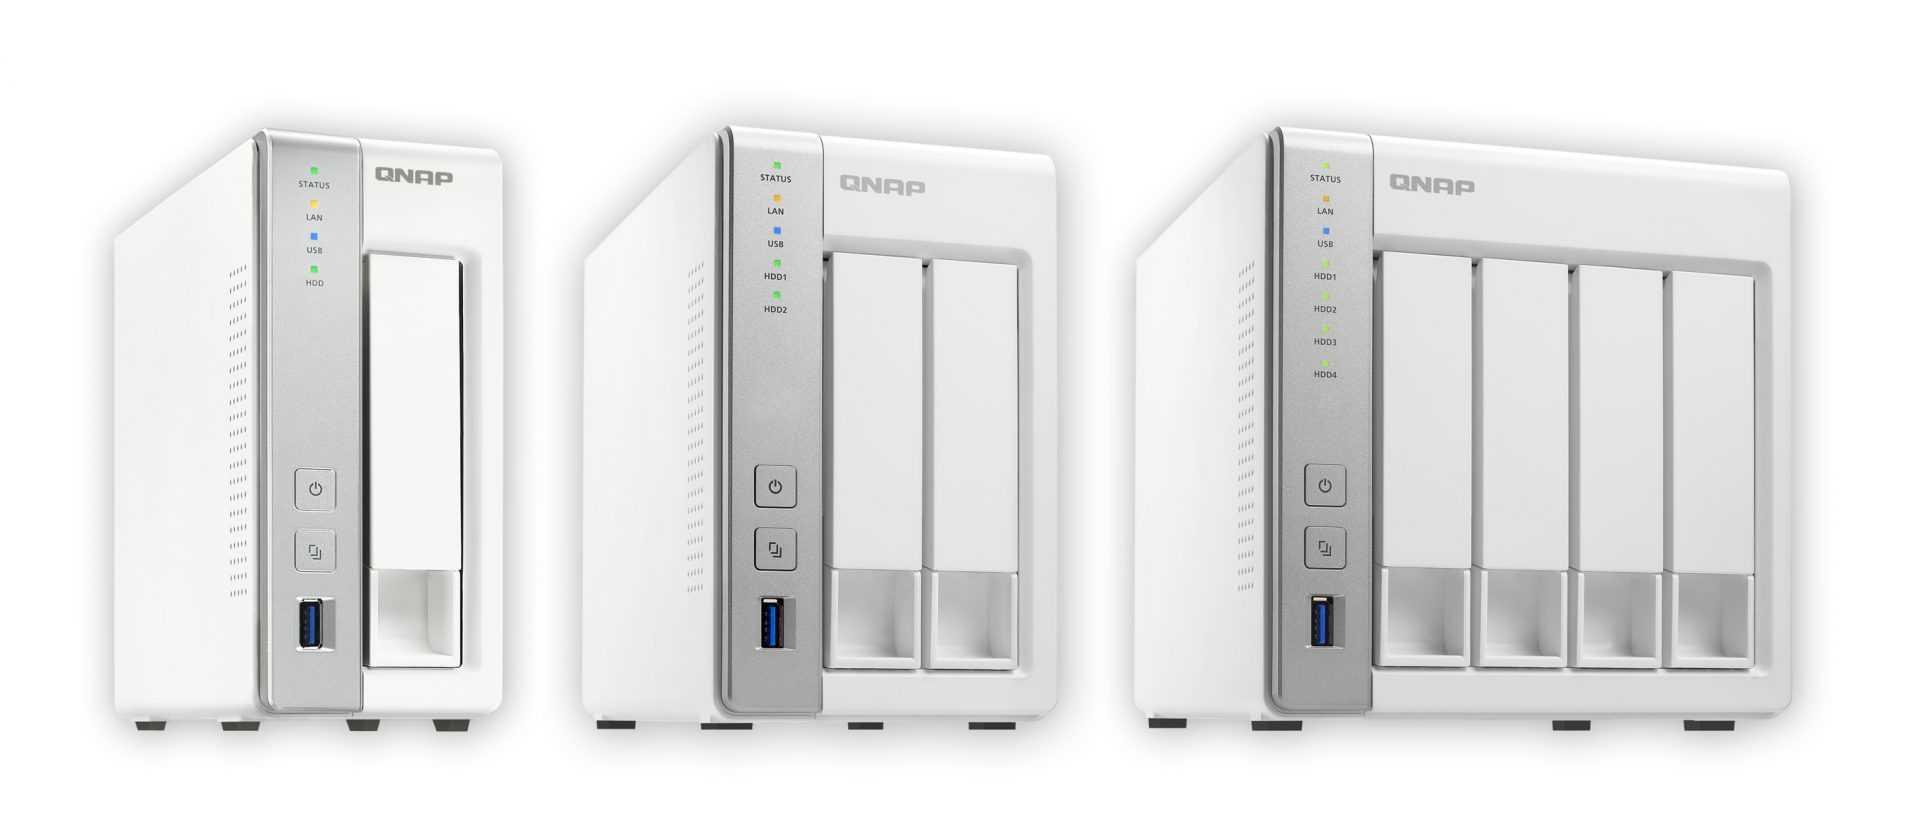 Qnap lanza la nueva serie ts x31p de nas asequibles para for Oficina xiaomi madrid